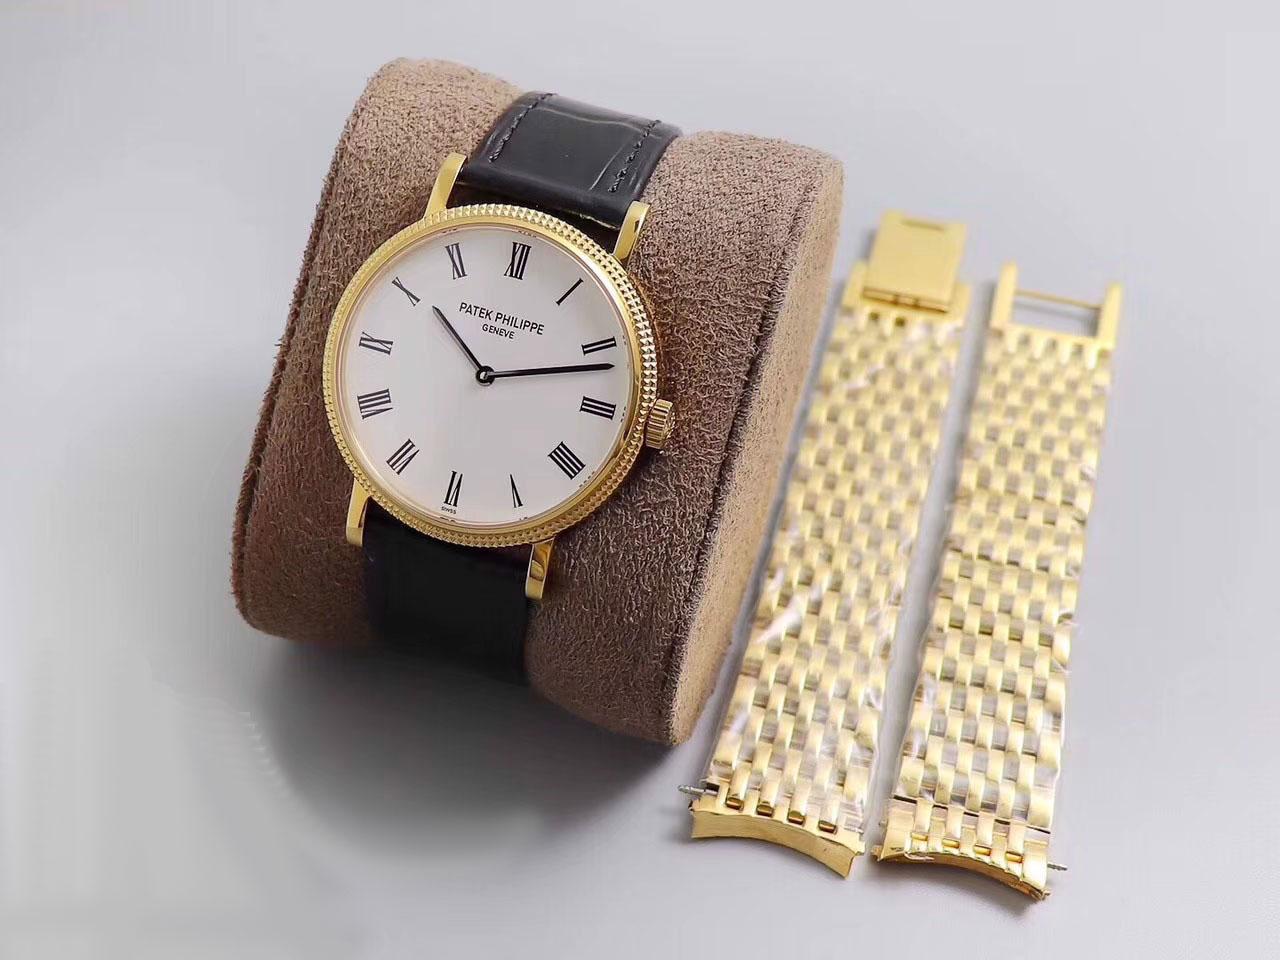 Lý do gì khiến đồng hồ Patek Philippe 5120G trở nên nổi bật?